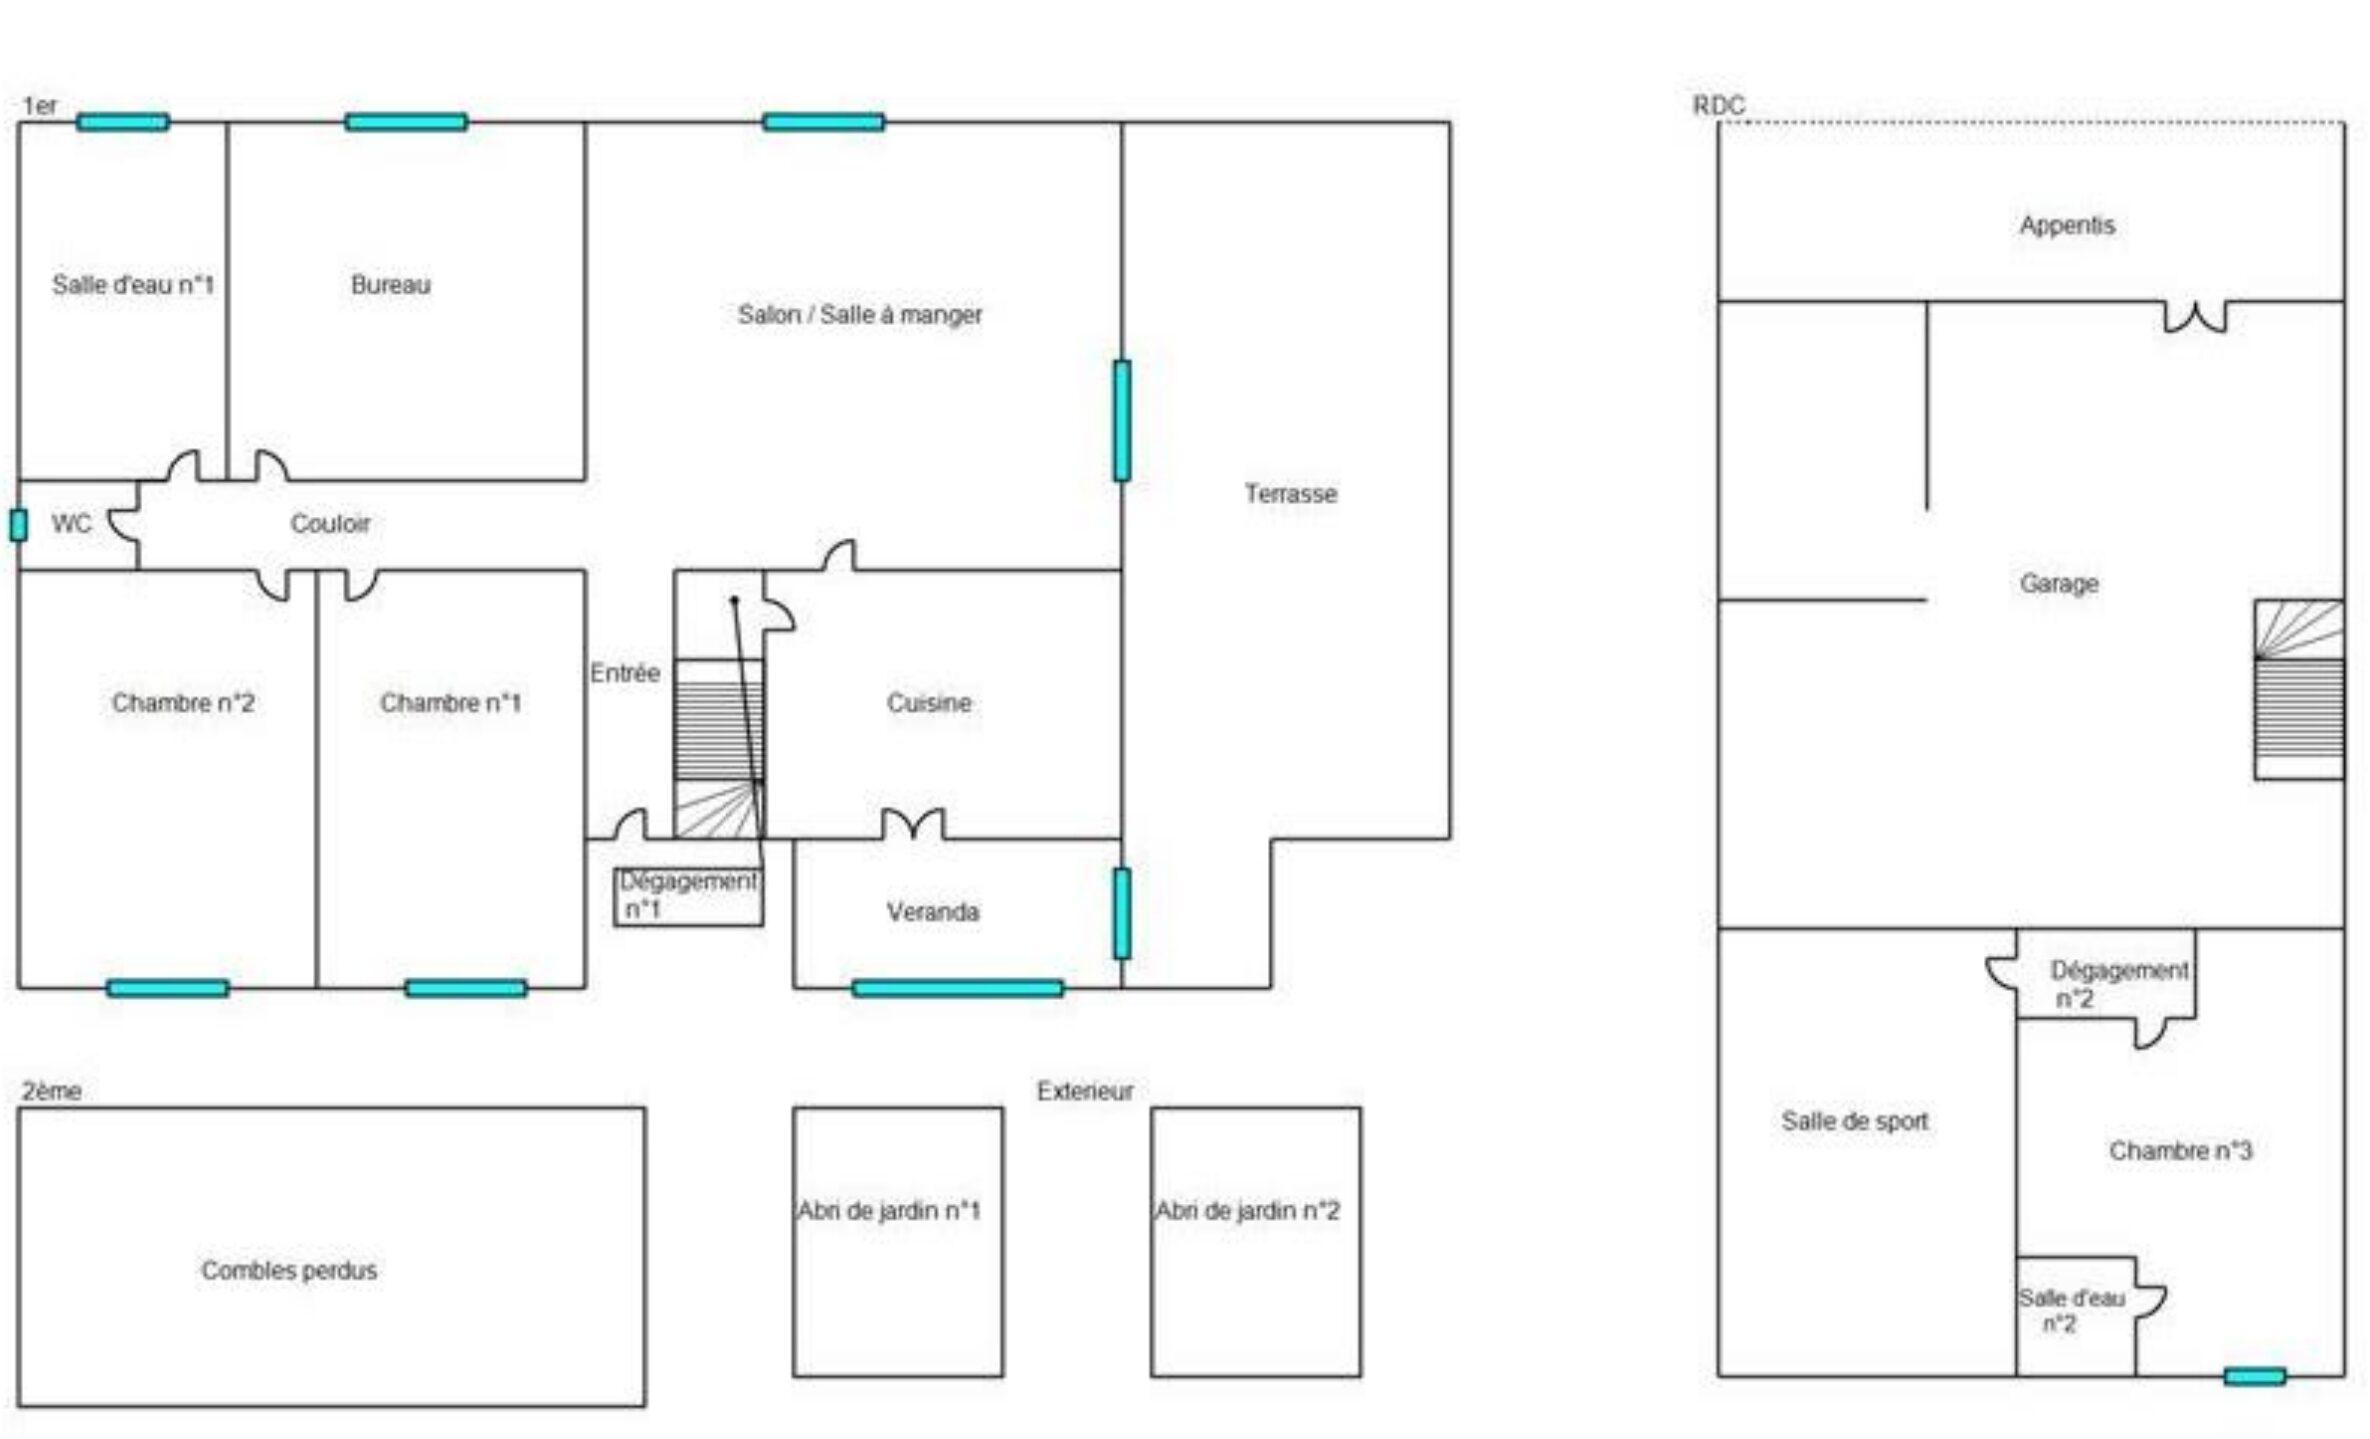 Plan de la maison et annexes